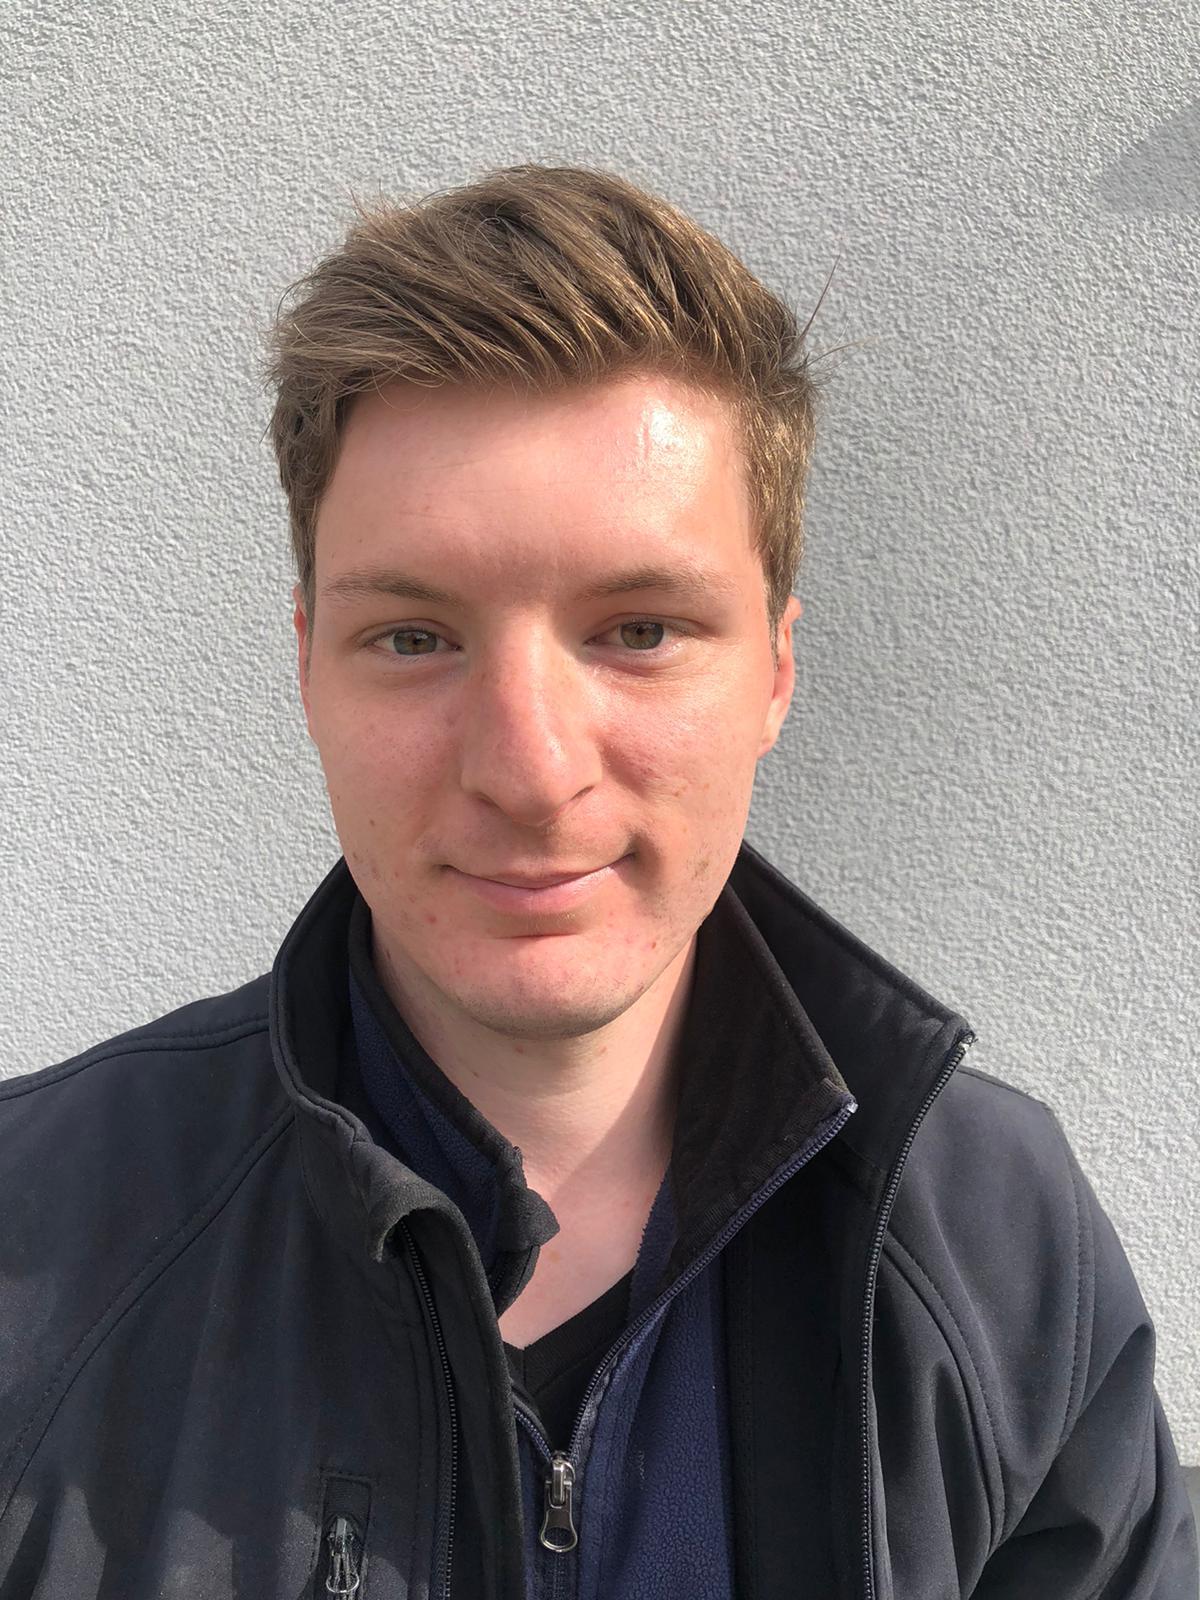 Daniel Tisch